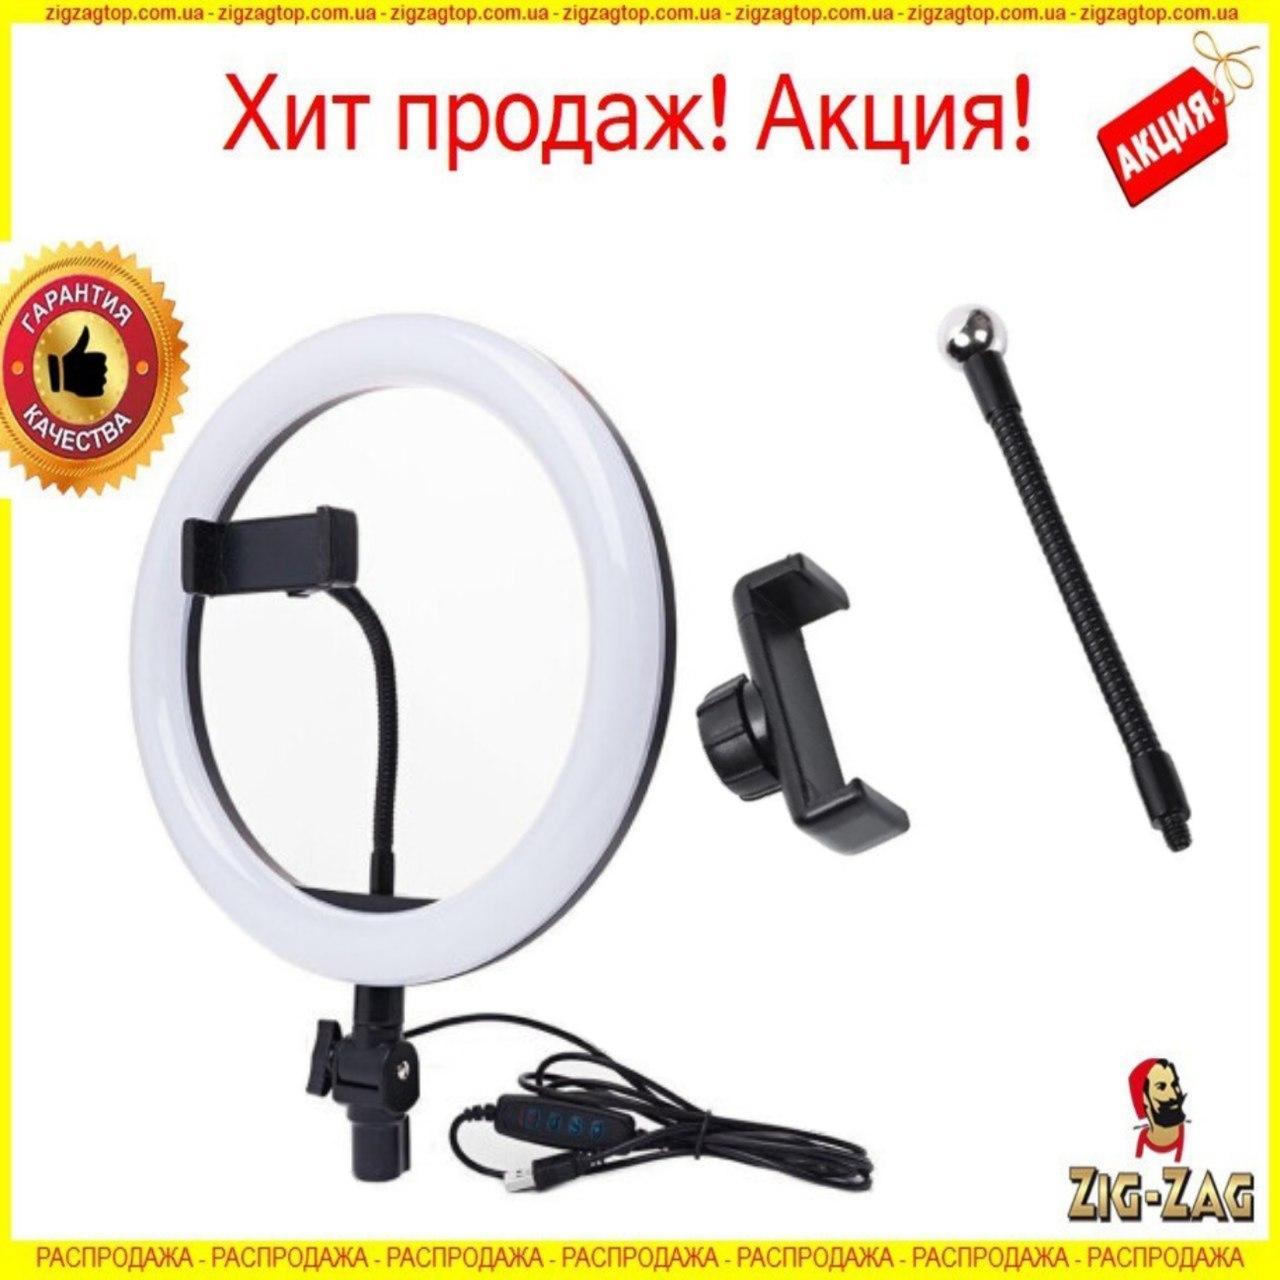 Кільцева LED лампа AL-360 крепл.тел пульт 220V 36см Кільцевої світло Світлова лампа кільце 100% ЯКІСТЬ